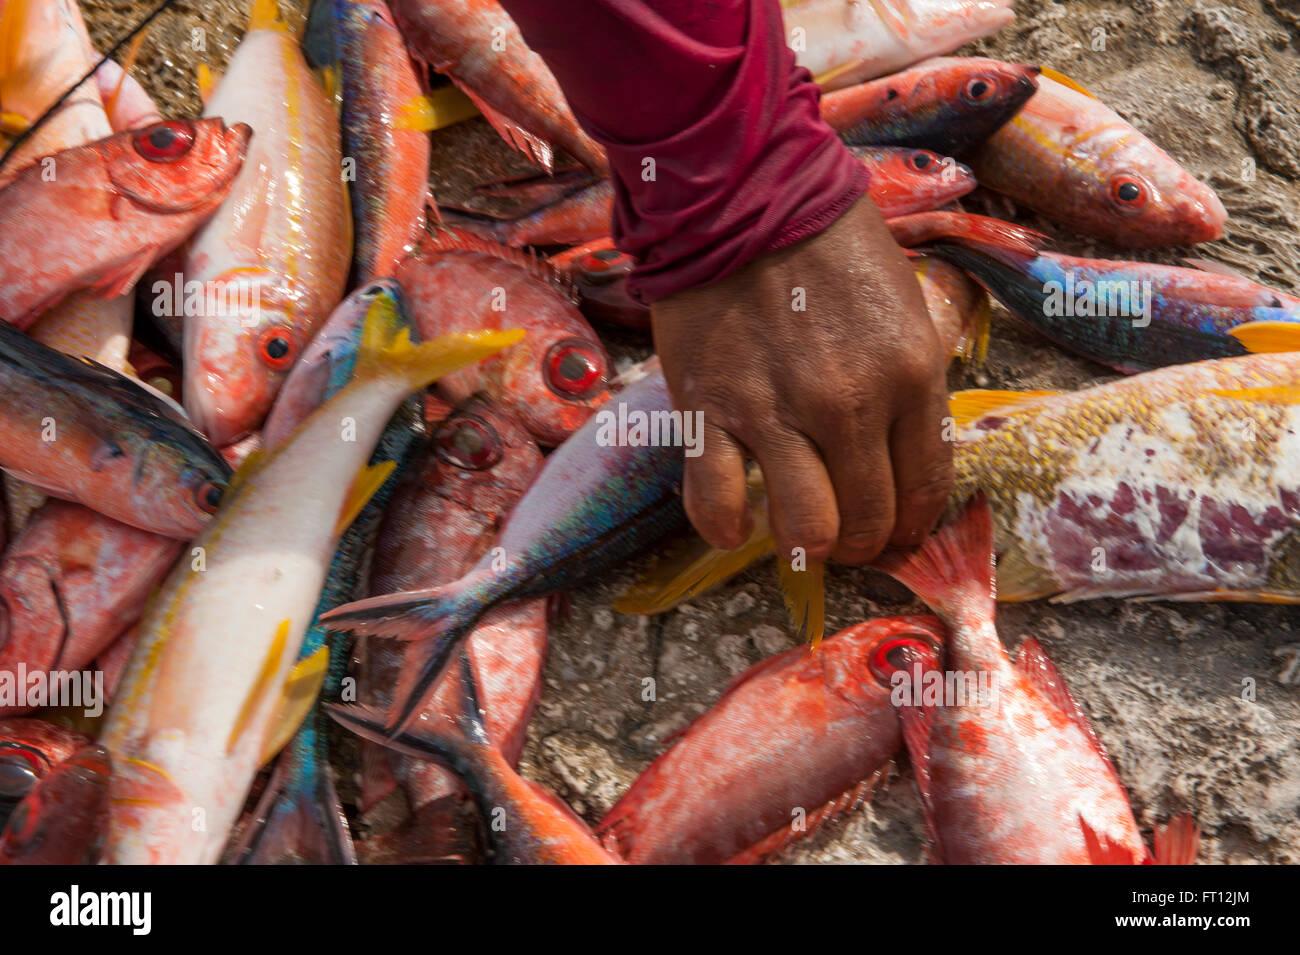 Llegar a mano de coloridos peces en venta en un mercado de pescado, Makemo, las Islas Tuamotu, en la Polinesia Francesa, Pacífico Sur Foto de stock